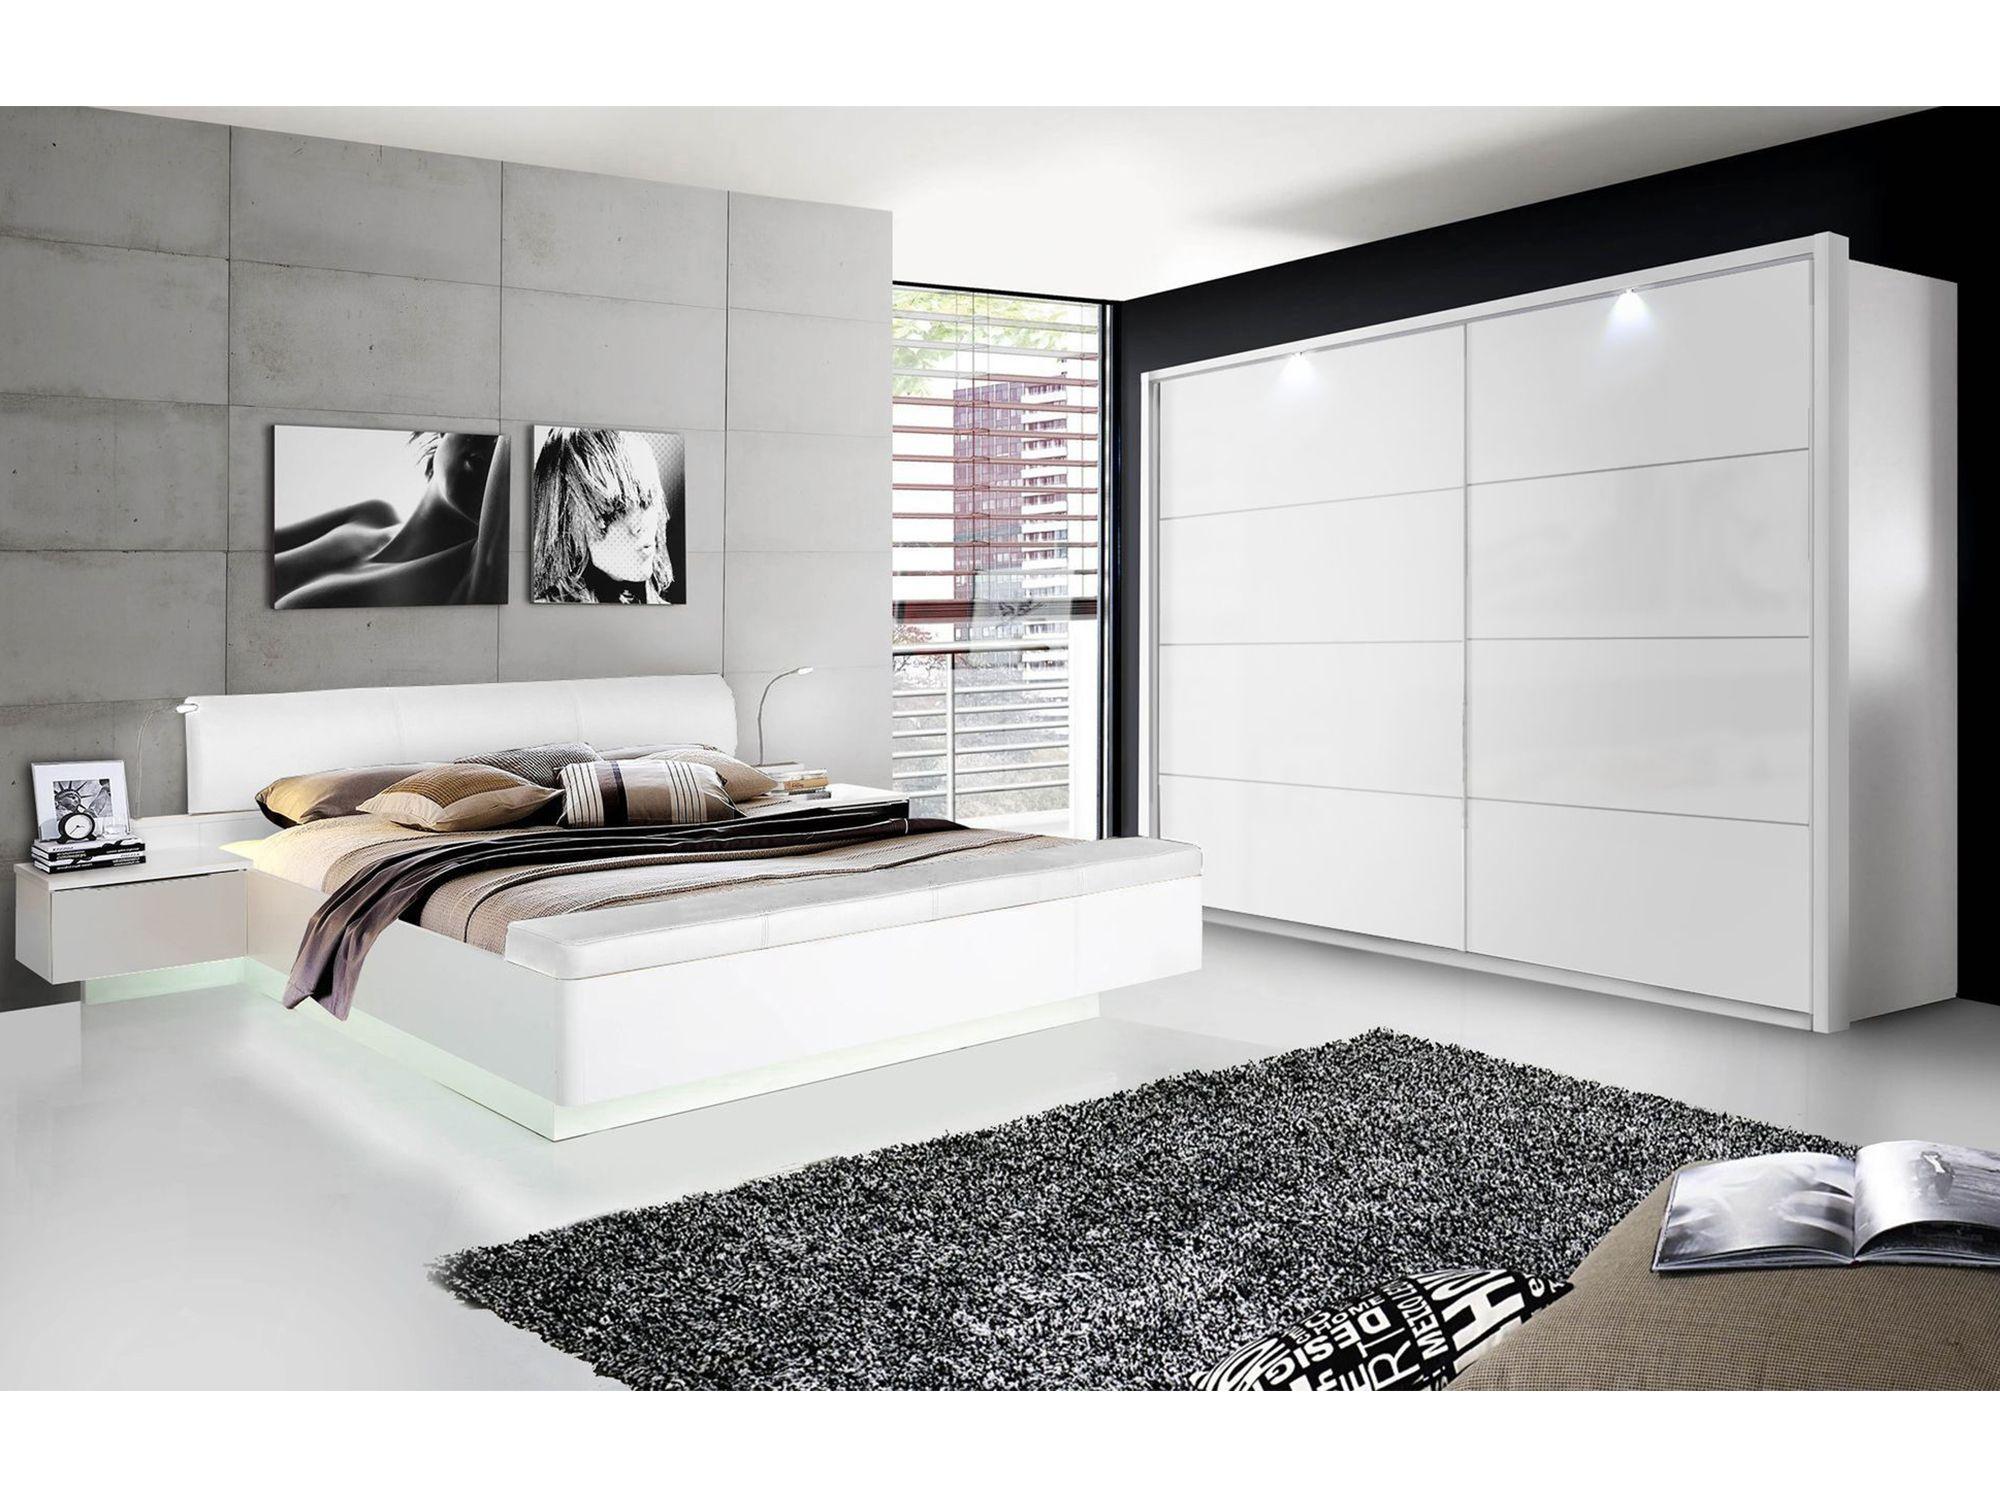 Schlafzimmer Komplett Hochglanz | Best Home Decor